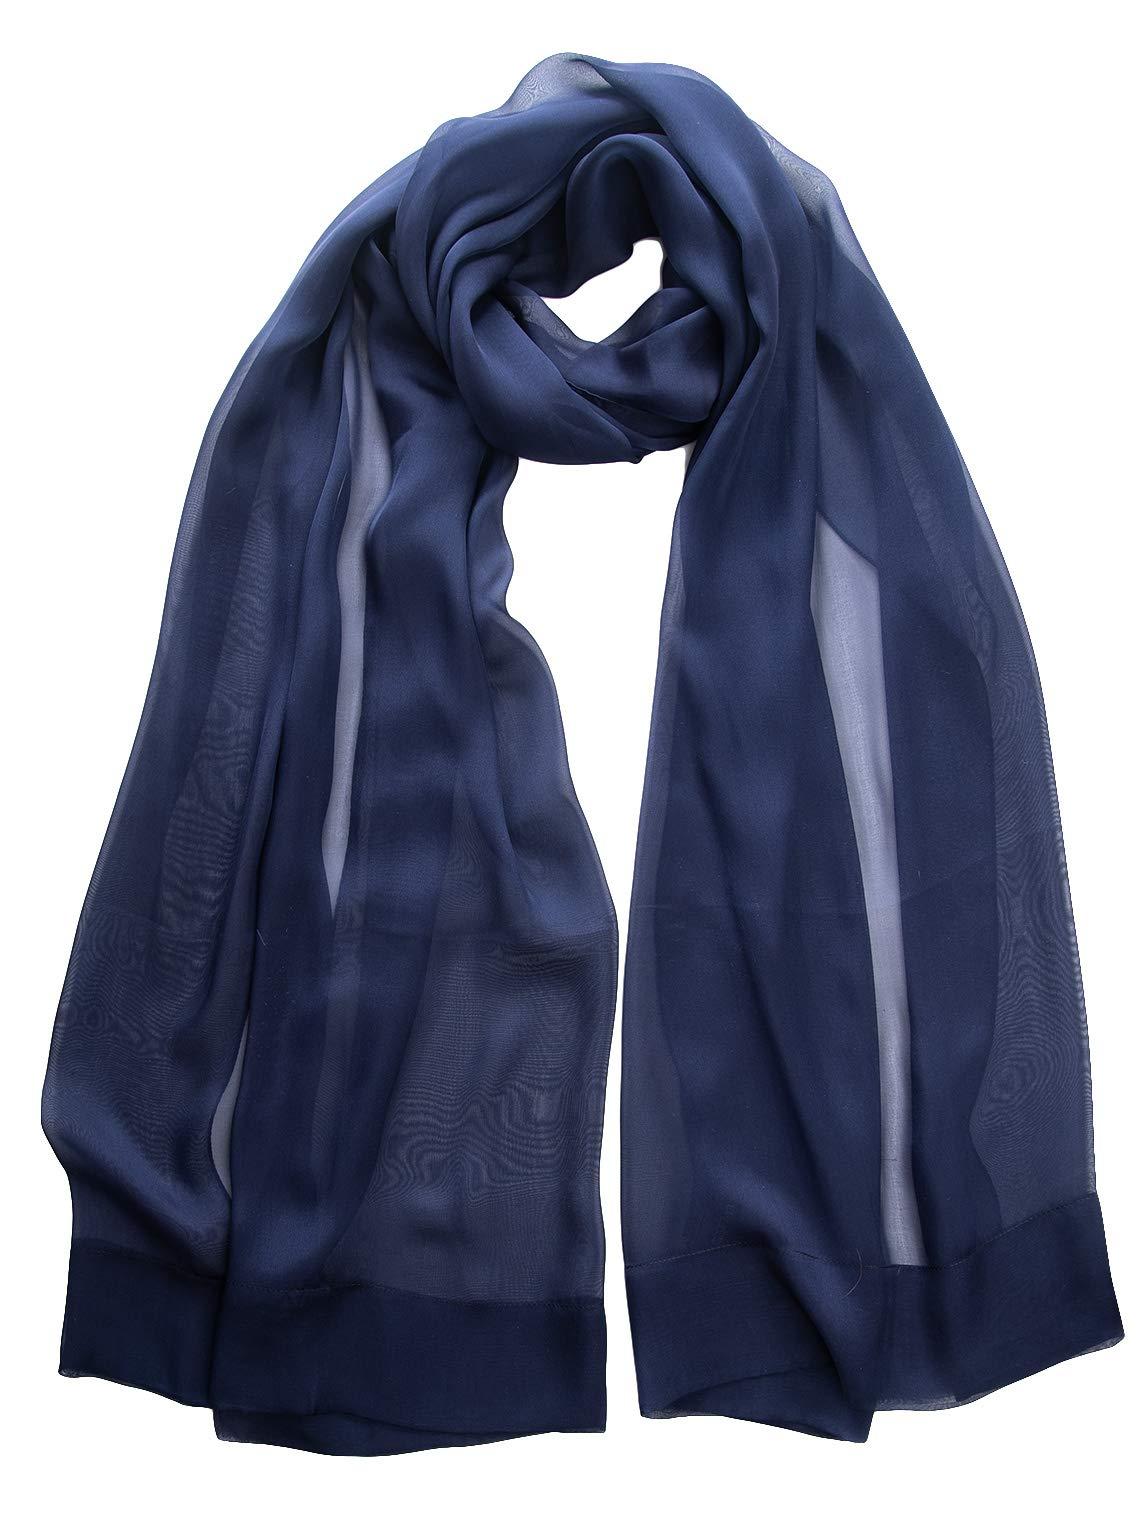 Elizabetta Evening Shawl Wrap, Pure Silk Chiffon, Made in Italy Blue